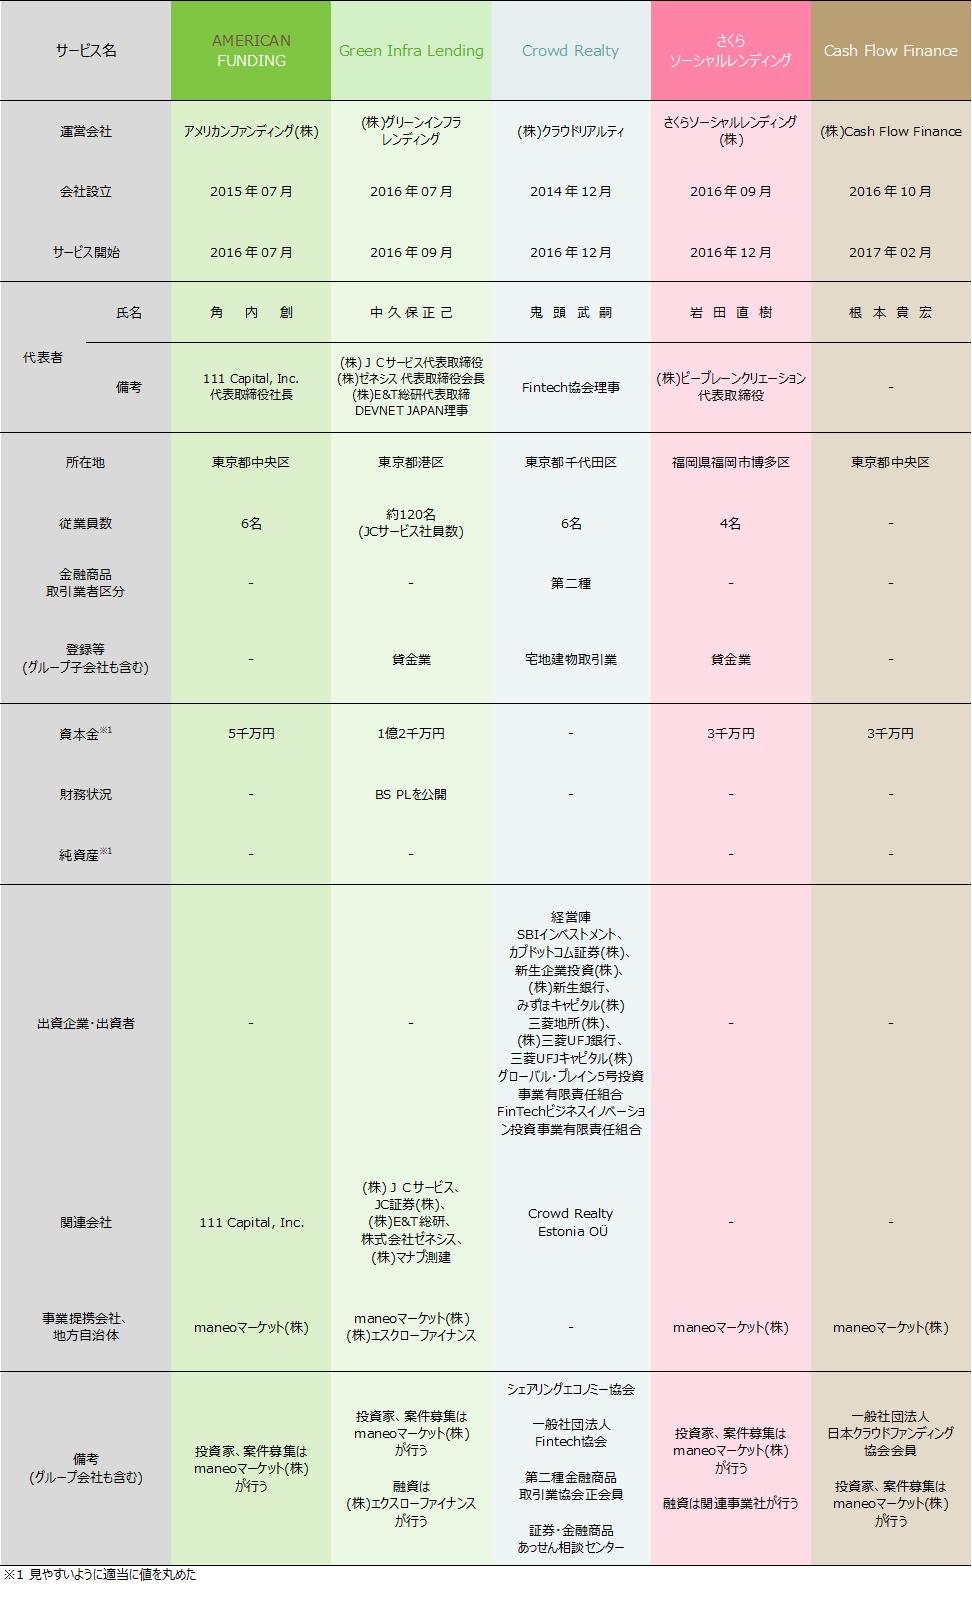 ソーシャルレンディング各社比較表